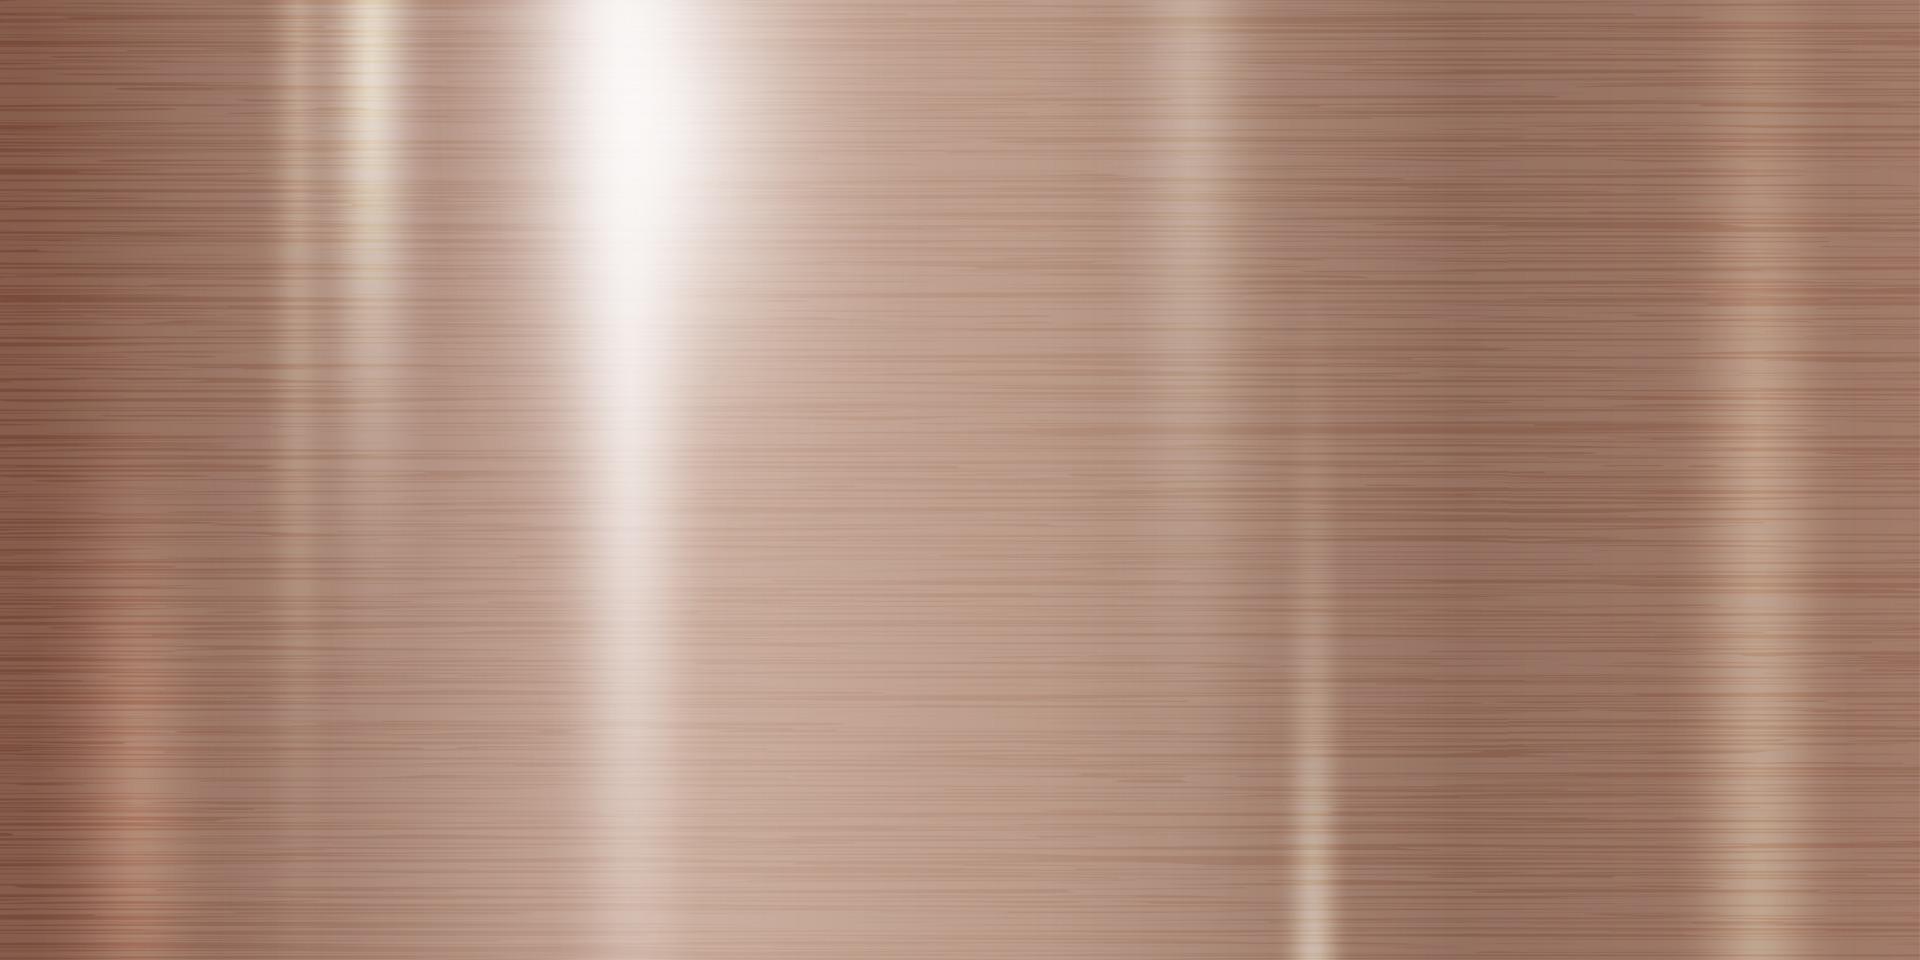 Kupfer Metall Textur Hintergrund Vektor-Illustration vektor